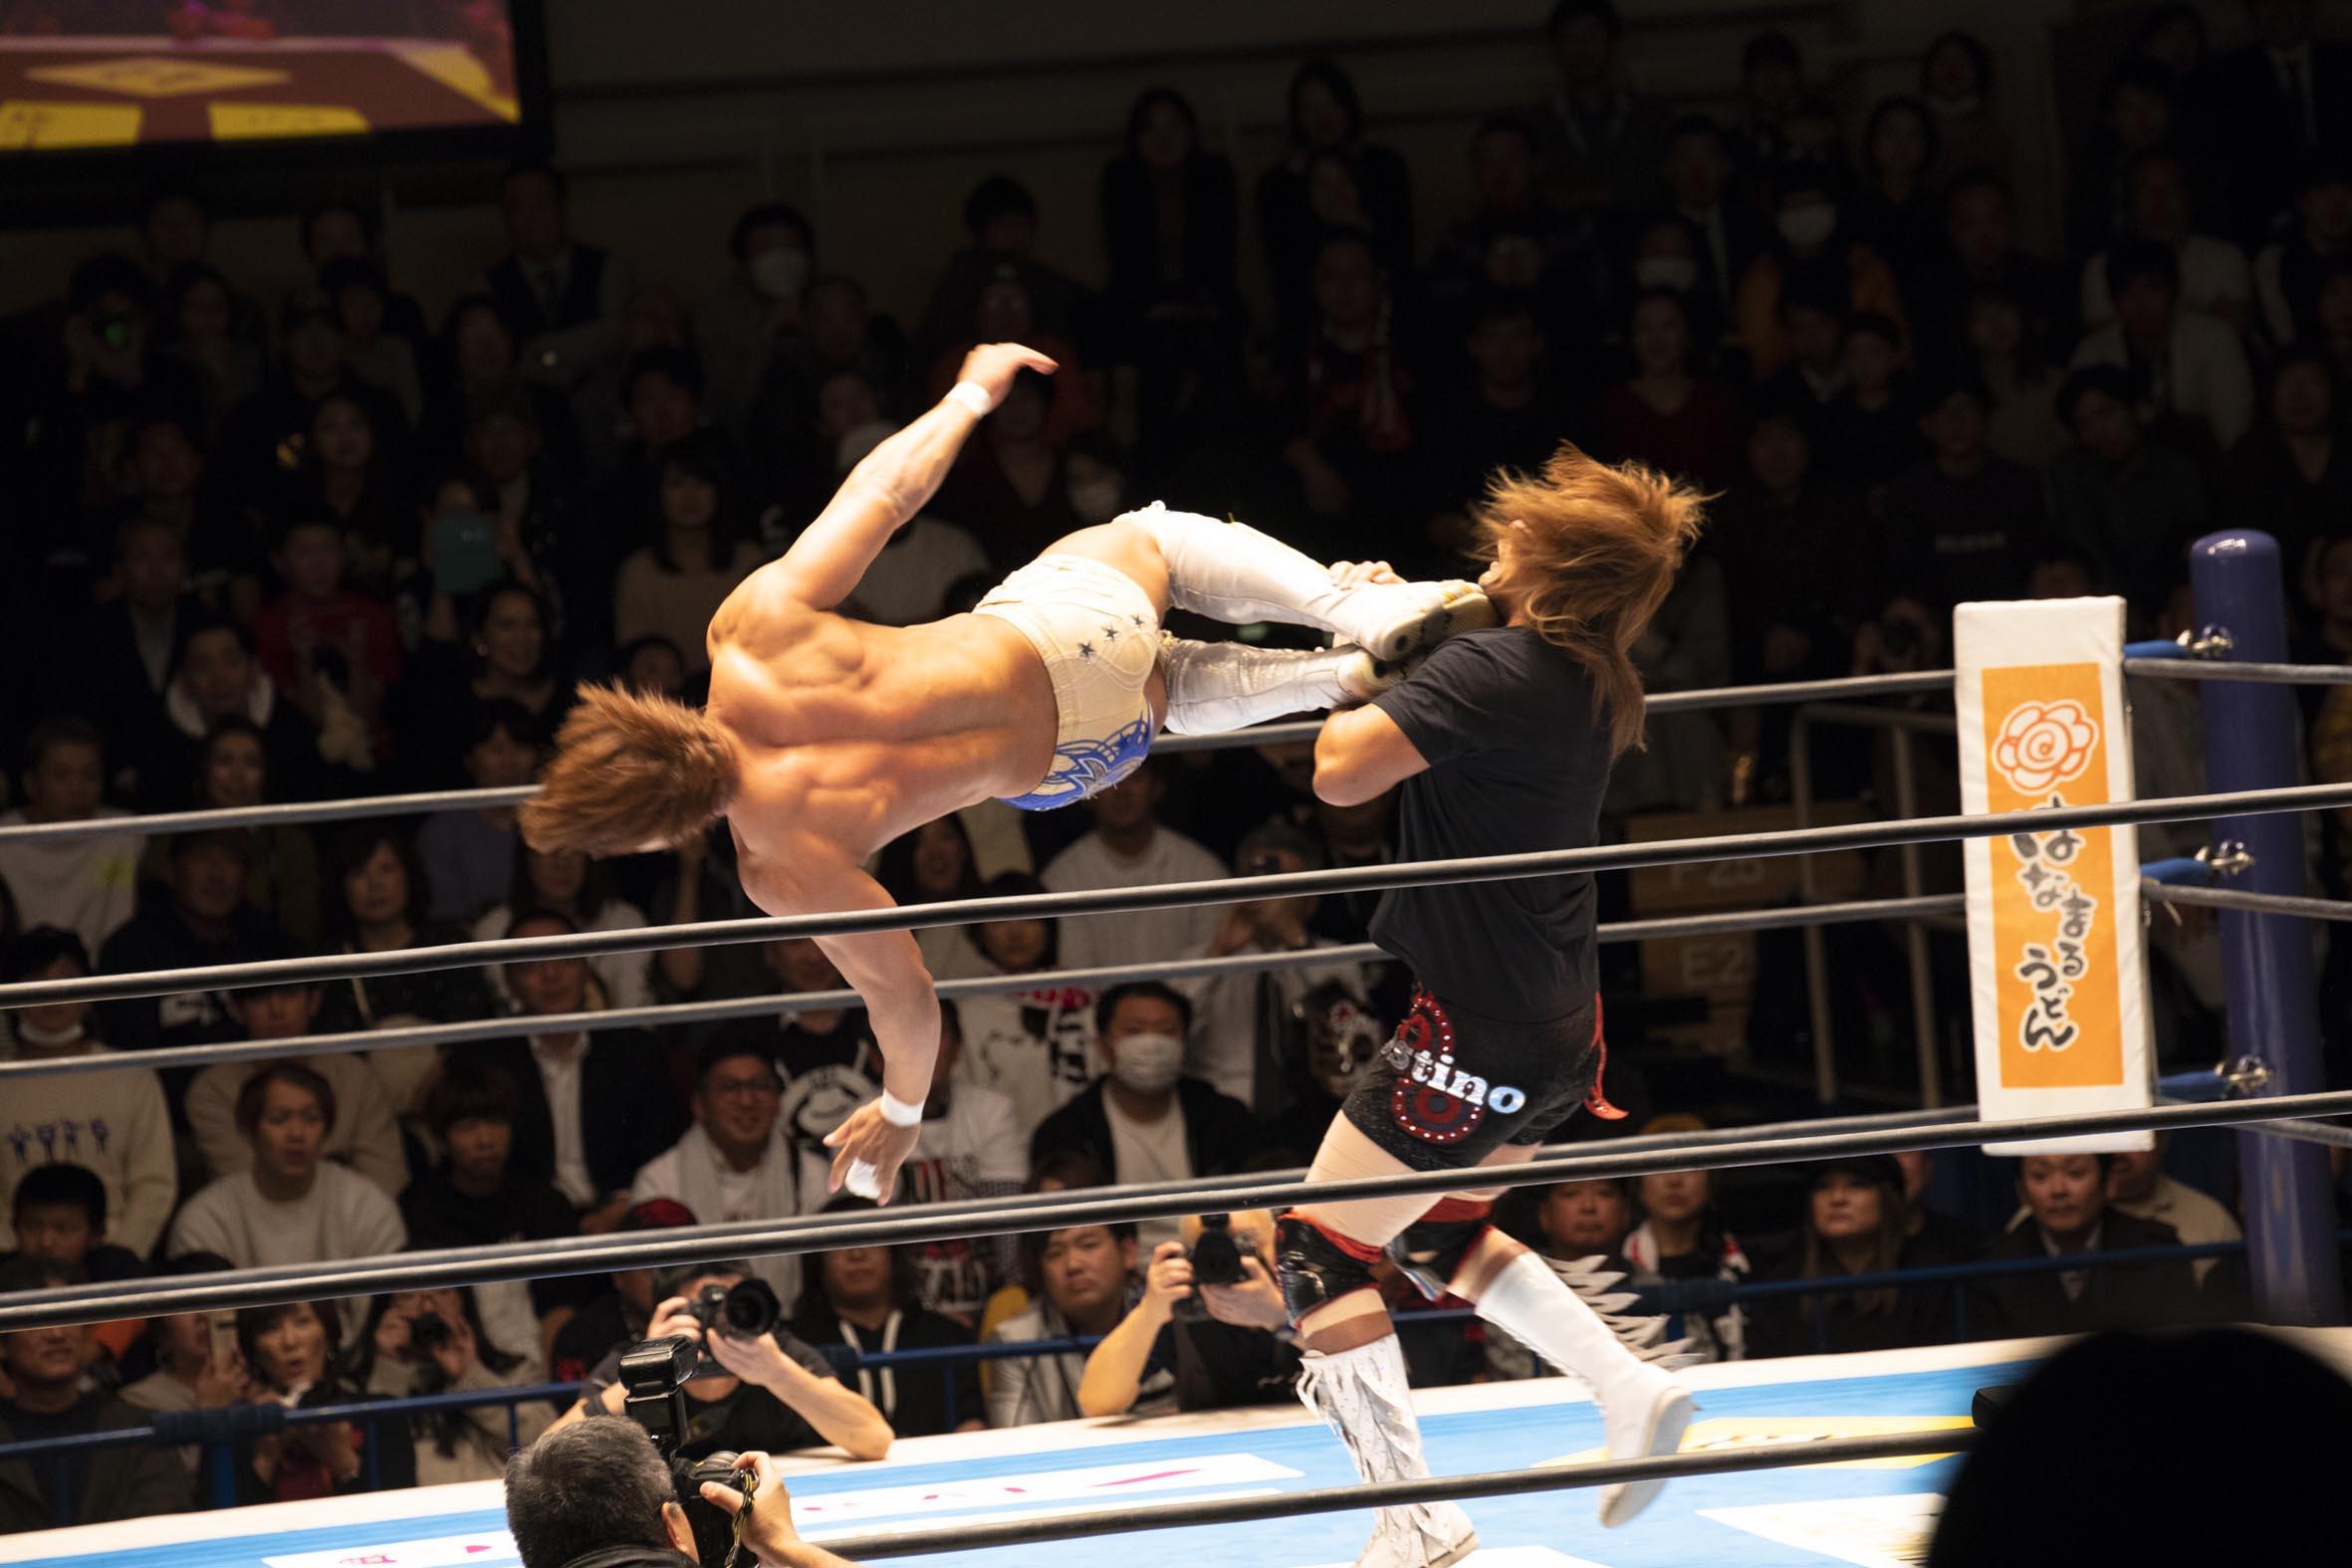 飯伏幸太選手の試合風景